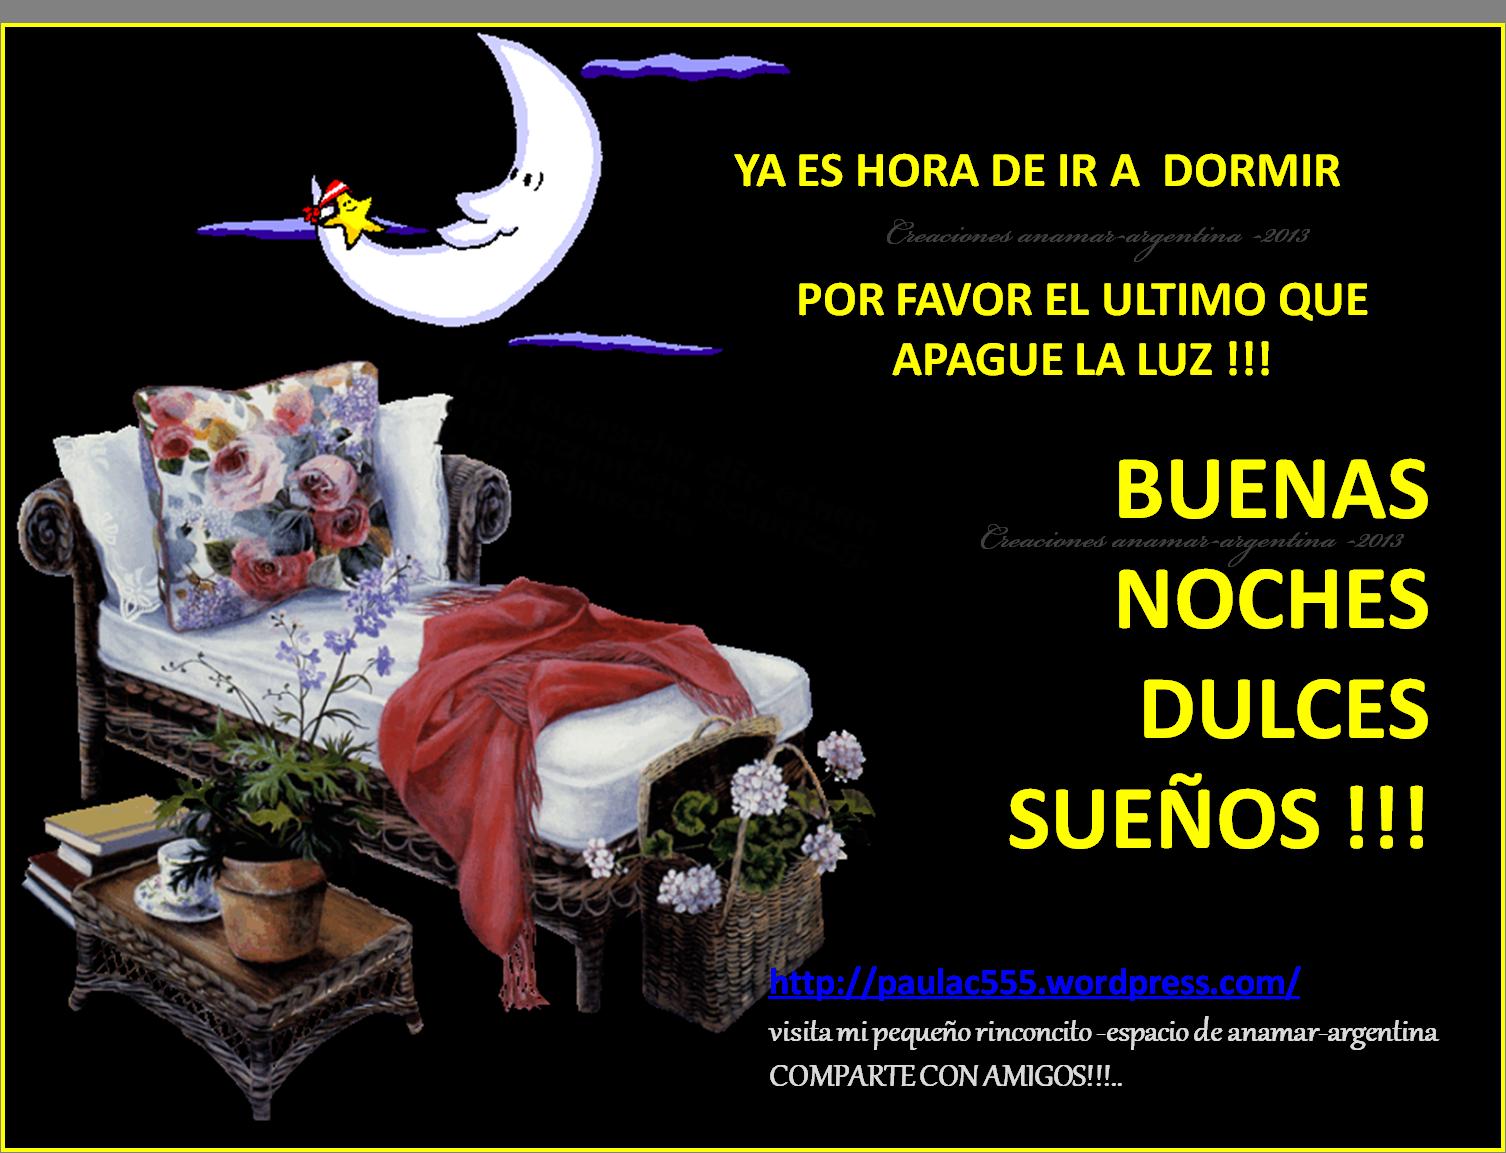 imagenes-con-pensamientos-positivos-motivadores-buenas-noches-91-creaciones-anamar-argentina-2013